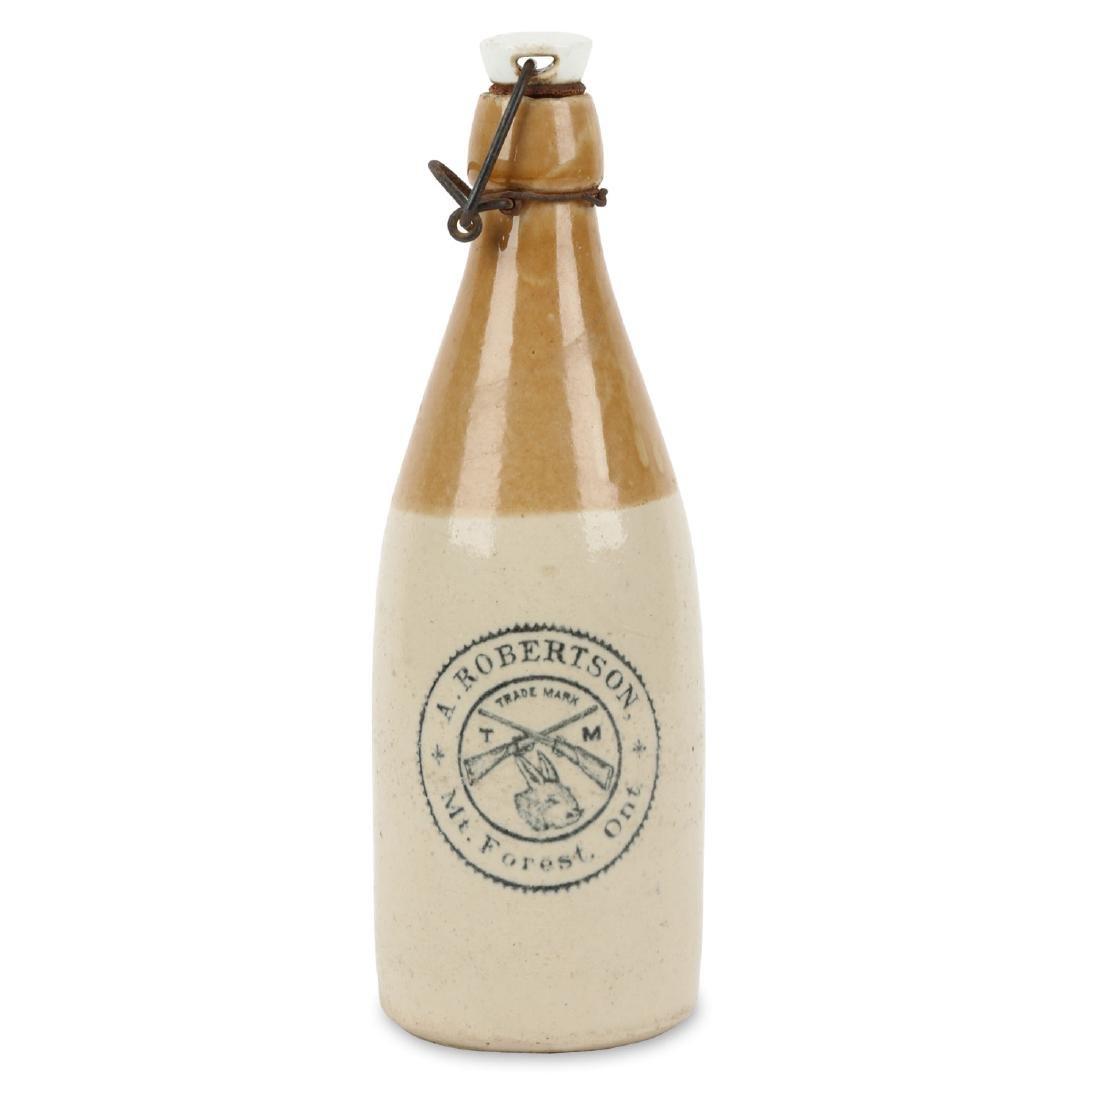 A. Robertson Ginger Beer Bottle, Mt. Forest